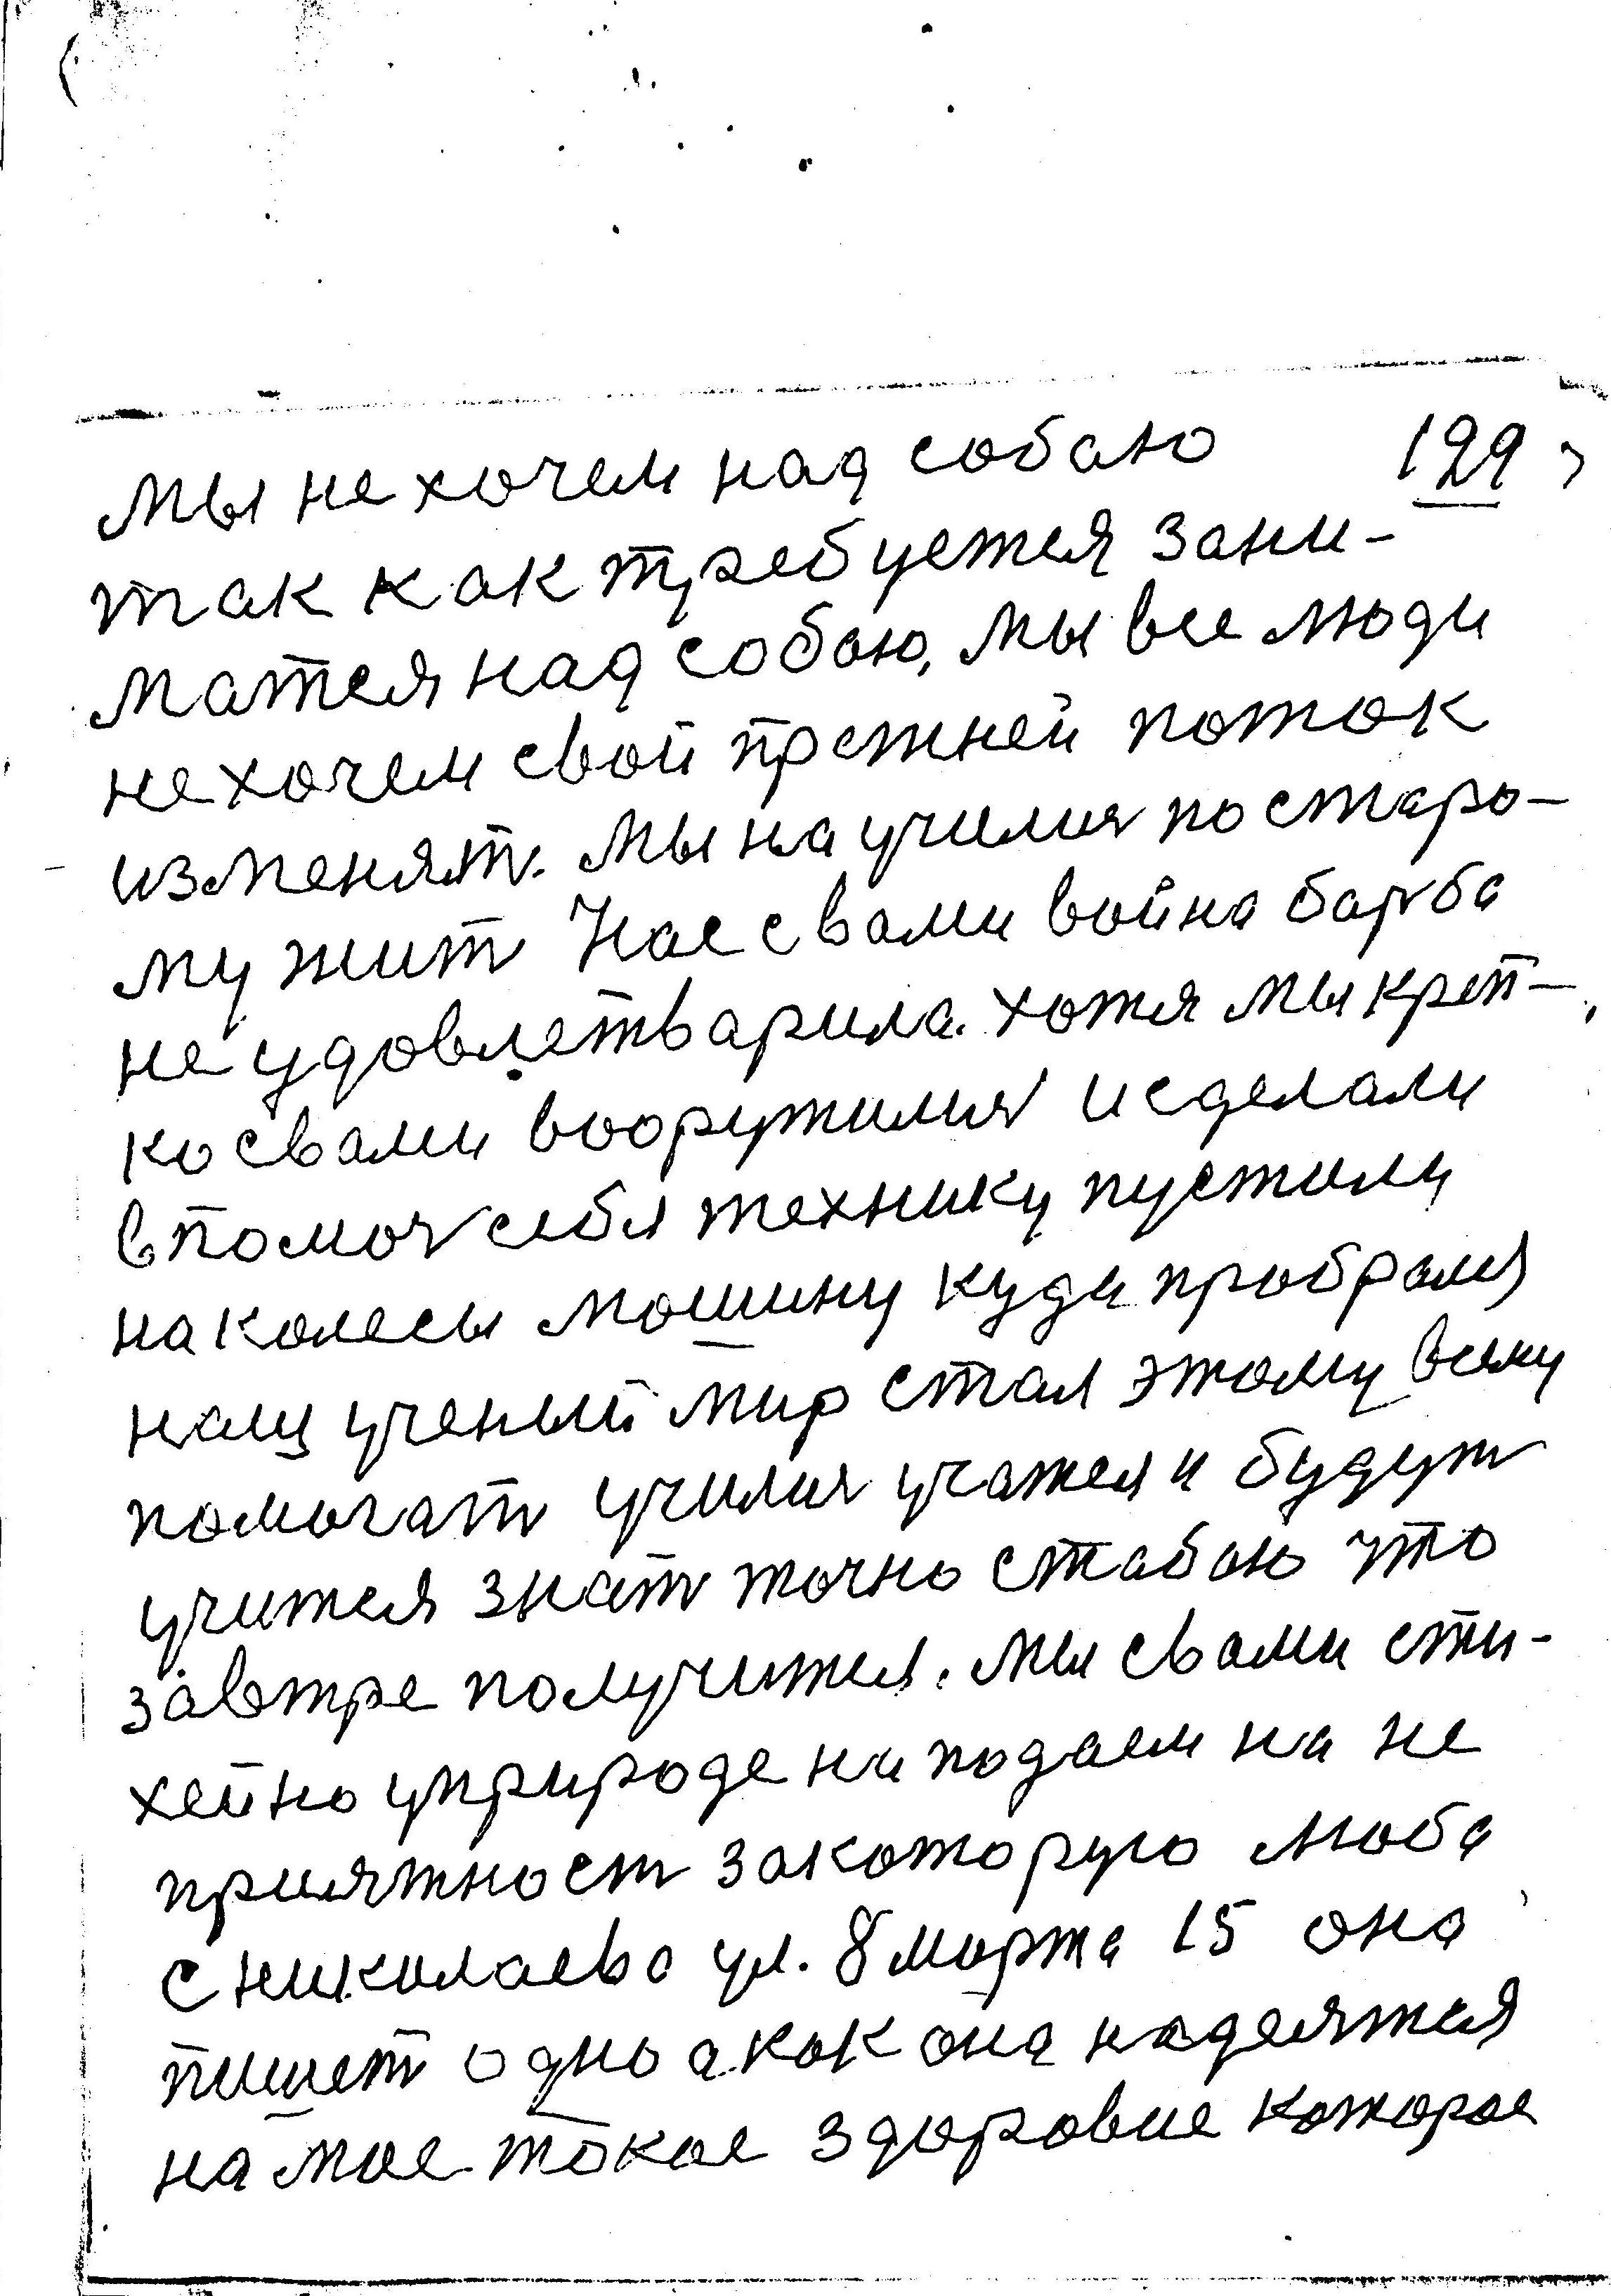 65-129.jpg